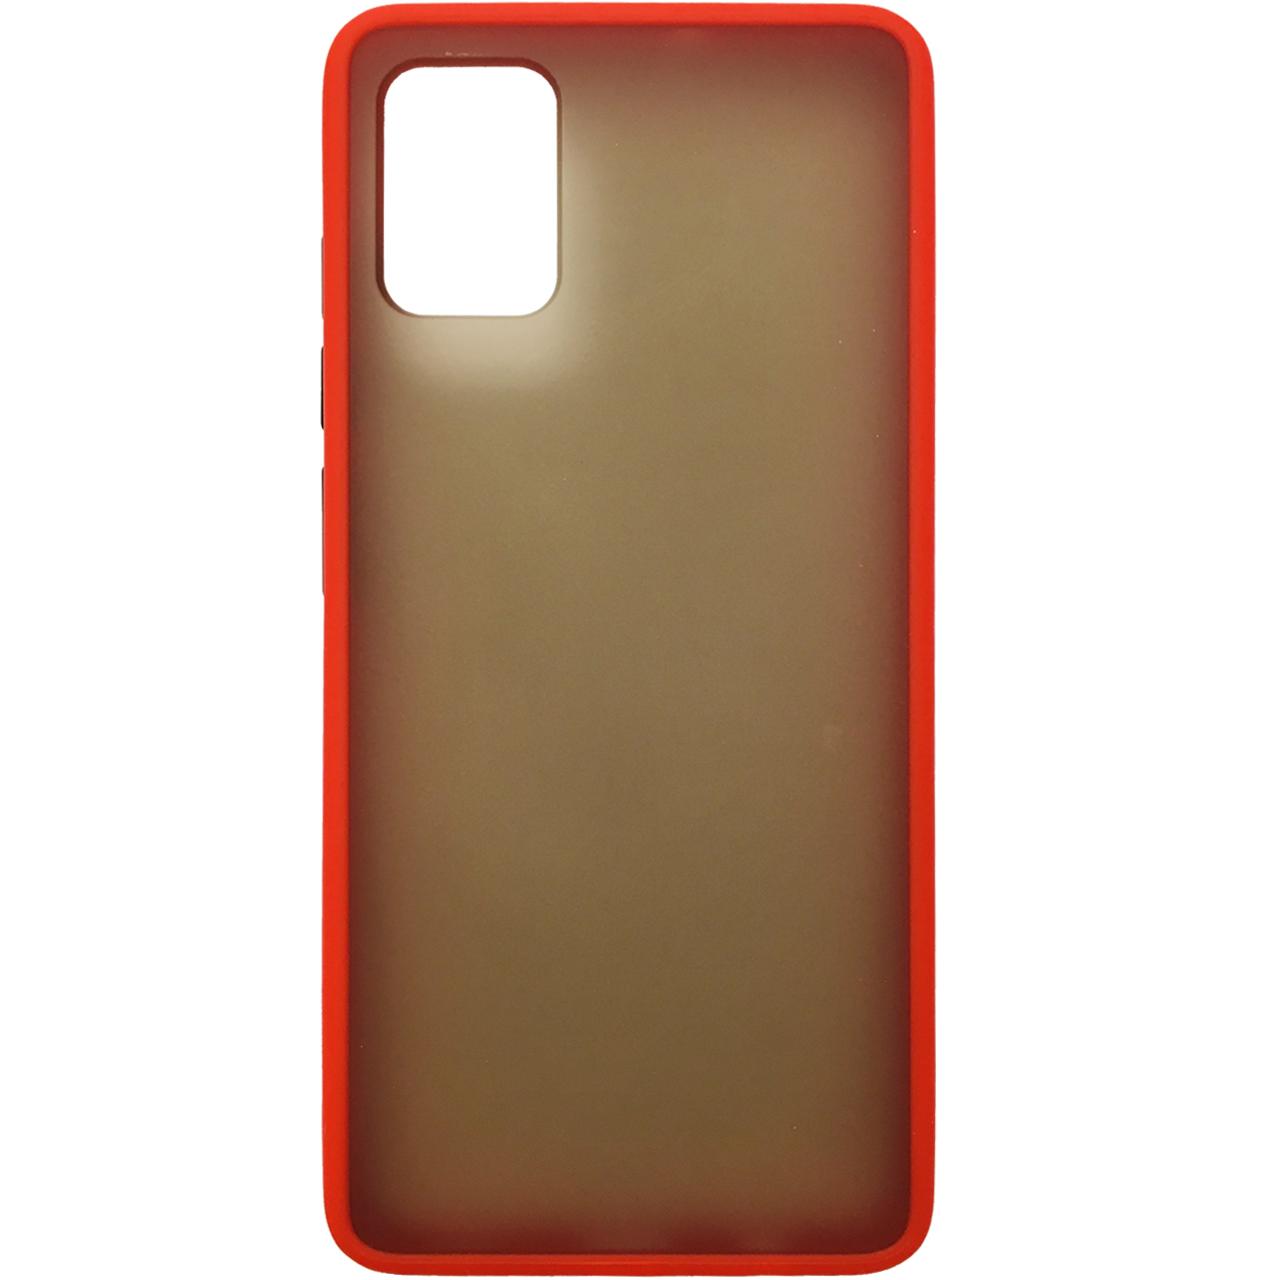 کاور مدل Mychoice کد 1670 مناسب برای گوشی موبایل سامسونگ Galaxy A51